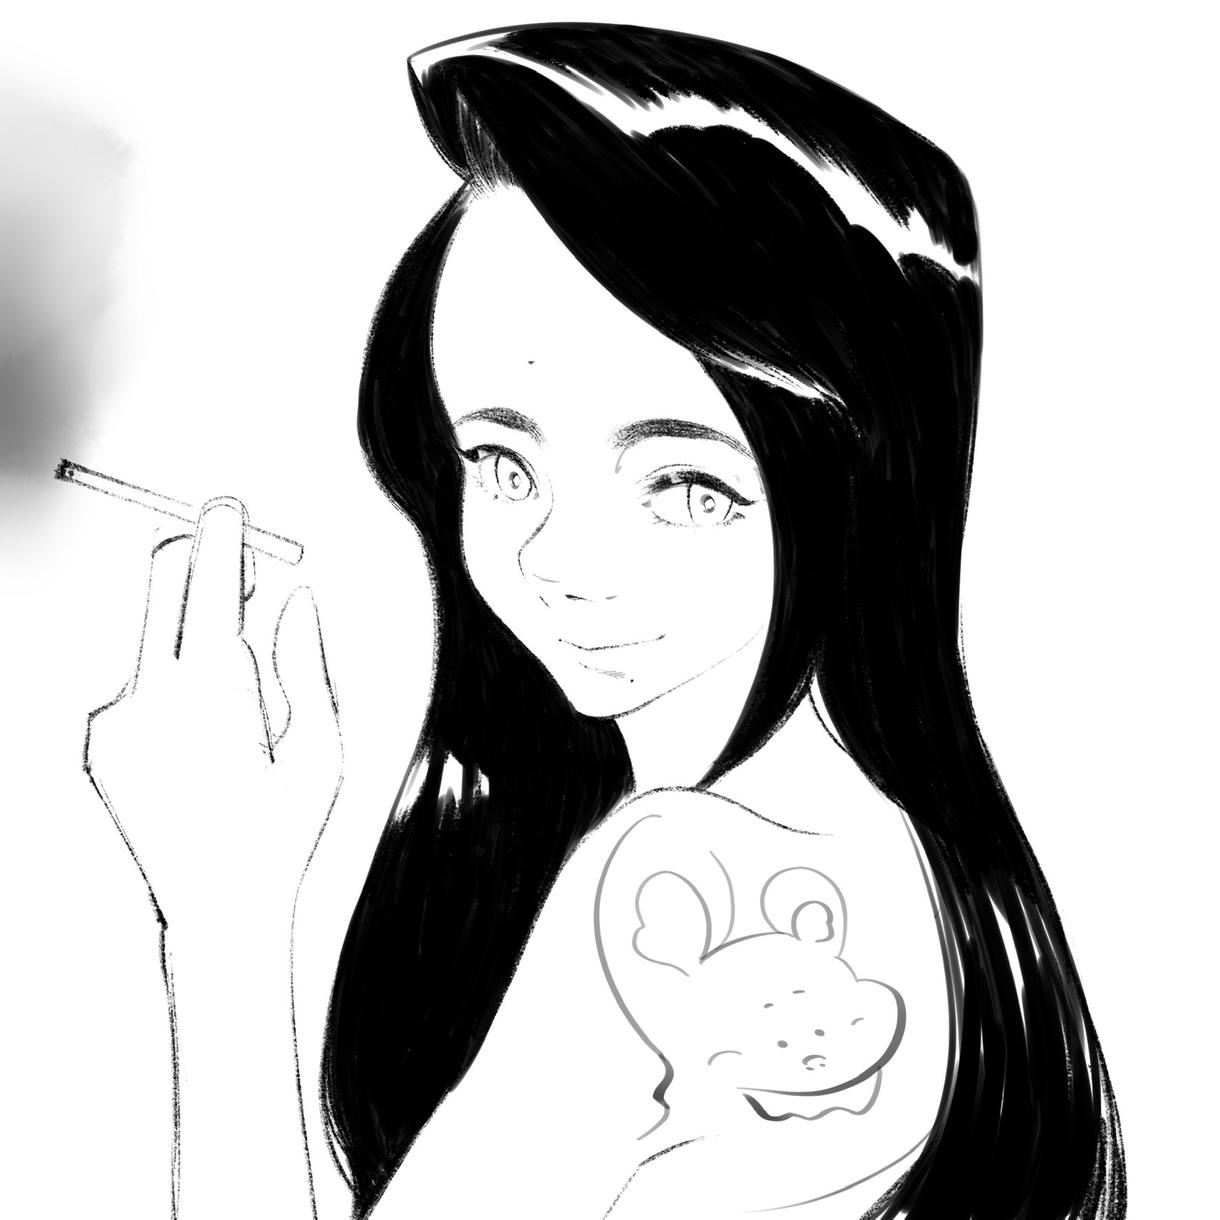 繊細で個性的な絵を描きます 挿絵・アイコンなどのイラストを主に白黒で描きます イメージ1